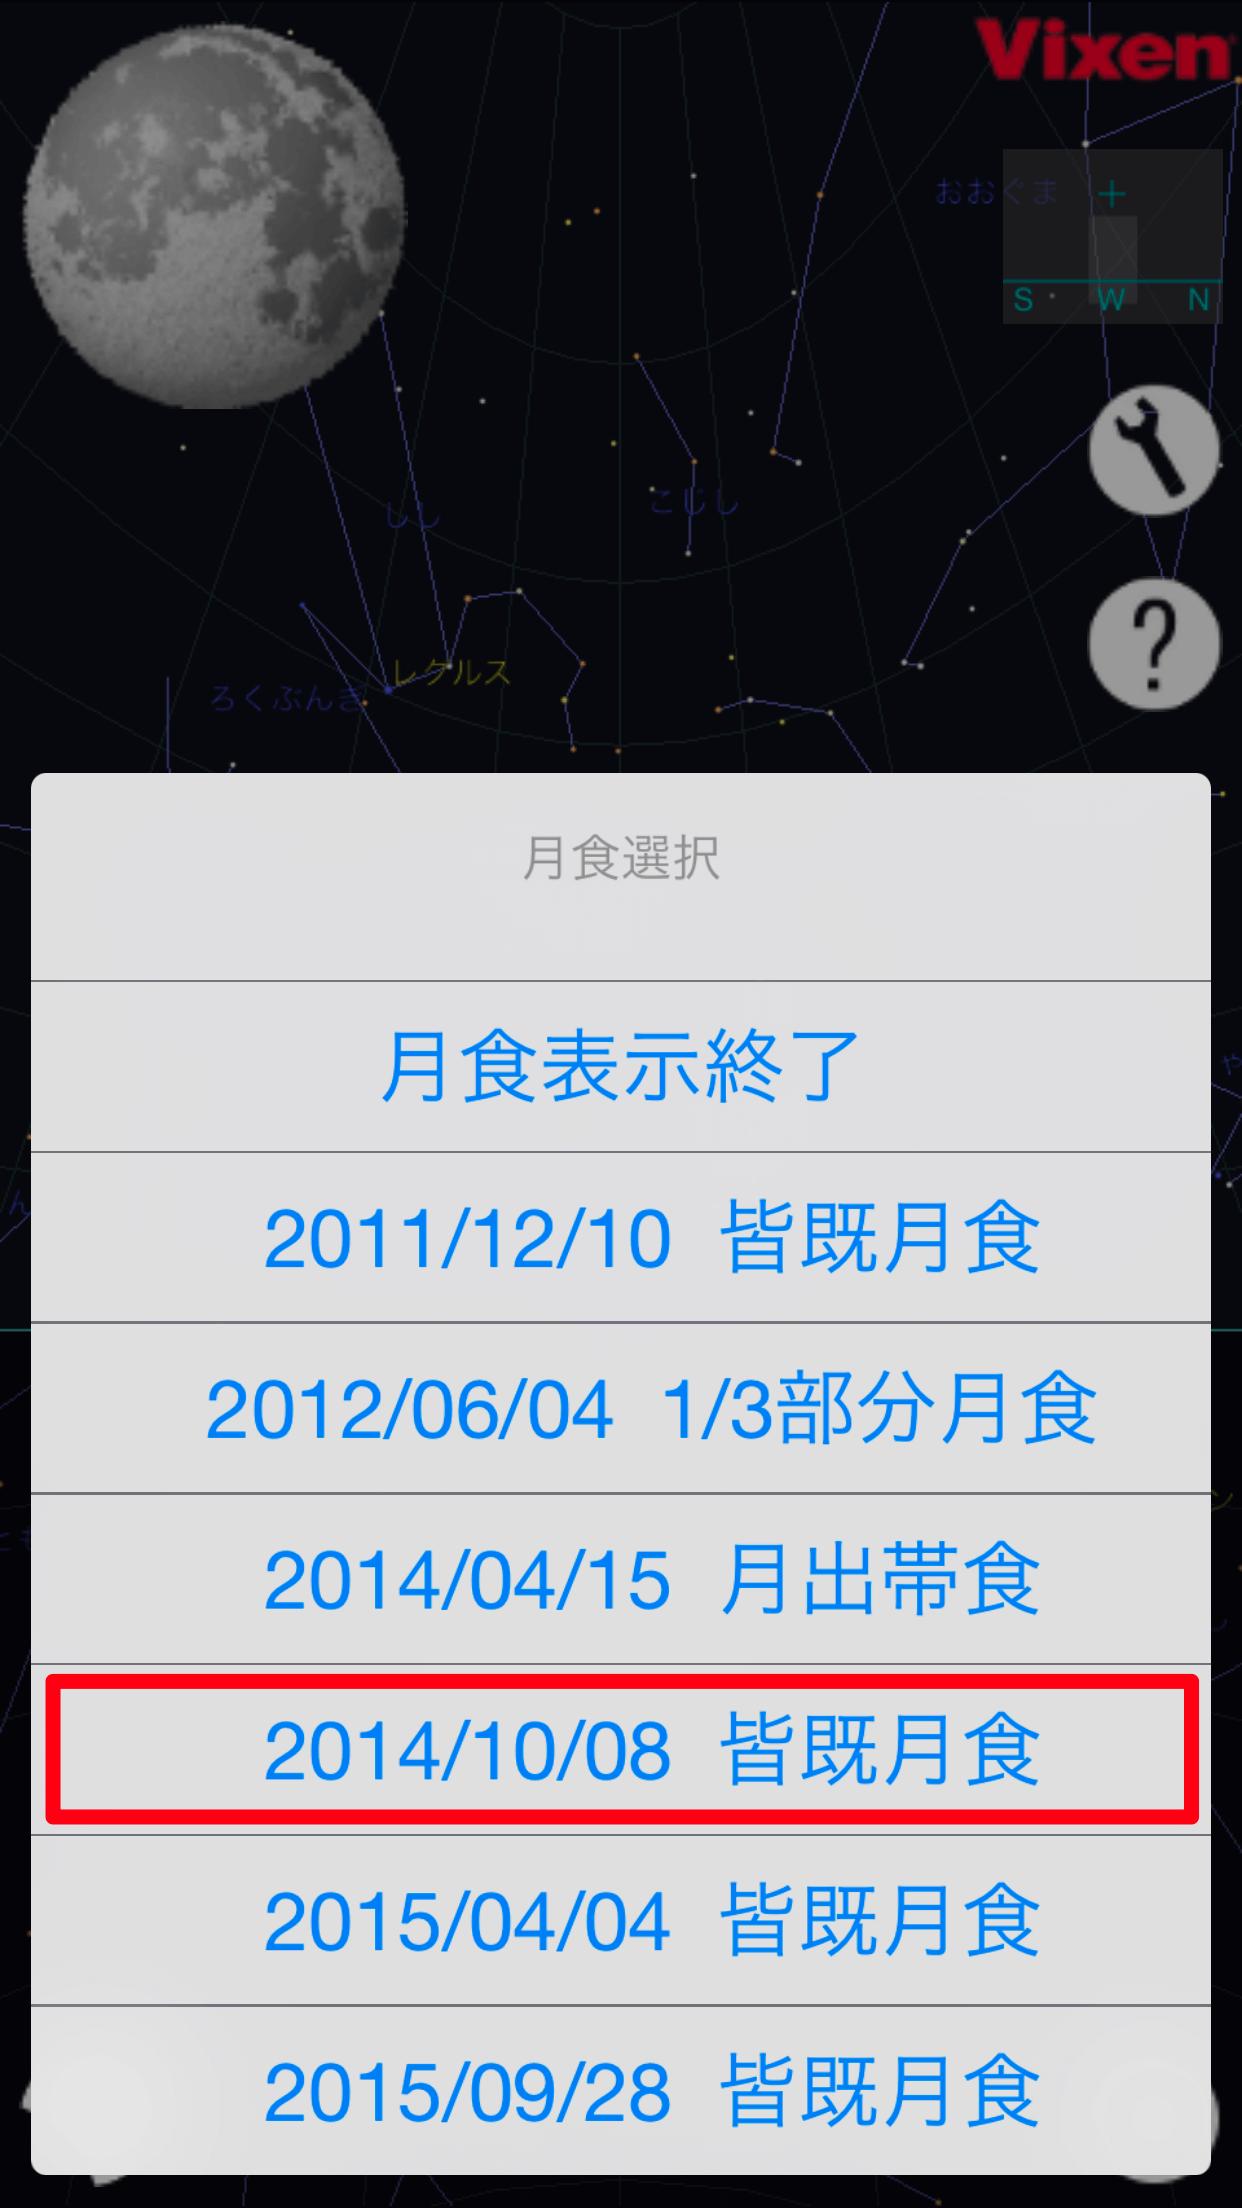 2014年10月8日の月食を選択する